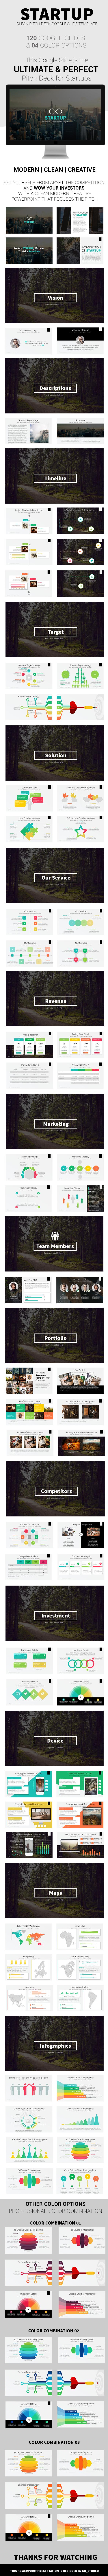 Startup - Clean Pitch Deck Google Slide Template - Google Slides Presentation Templates